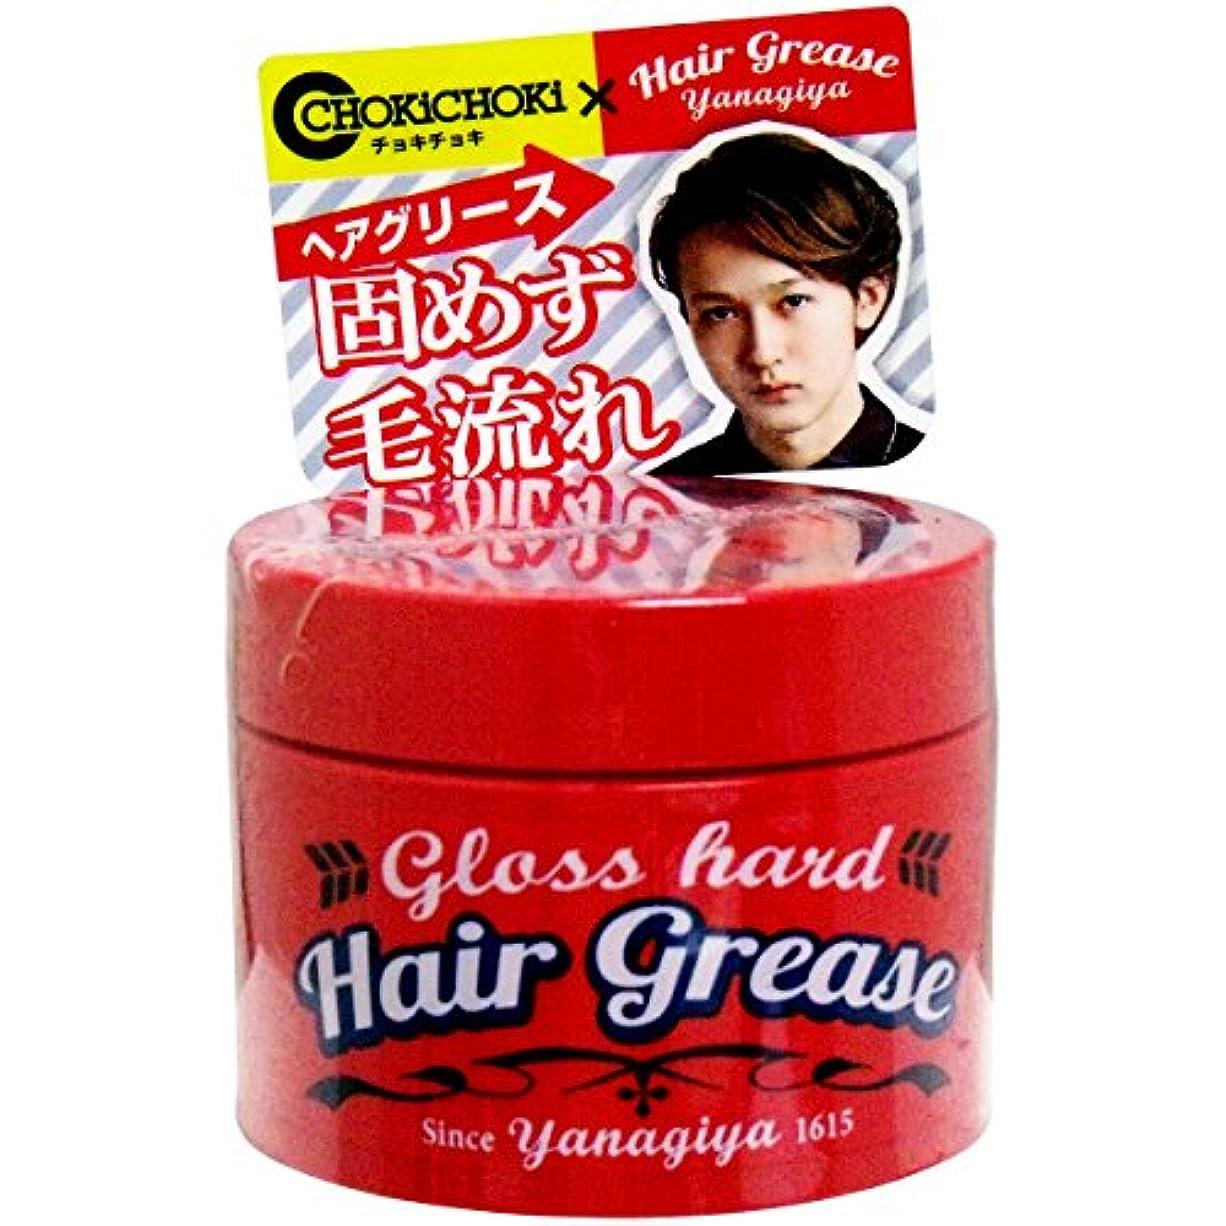 上昇パーティションステッチヘアワックス 固めず毛流れ 使いやすい YANAGIYA ヘアグリース グロスハード 90g入【5個セット】